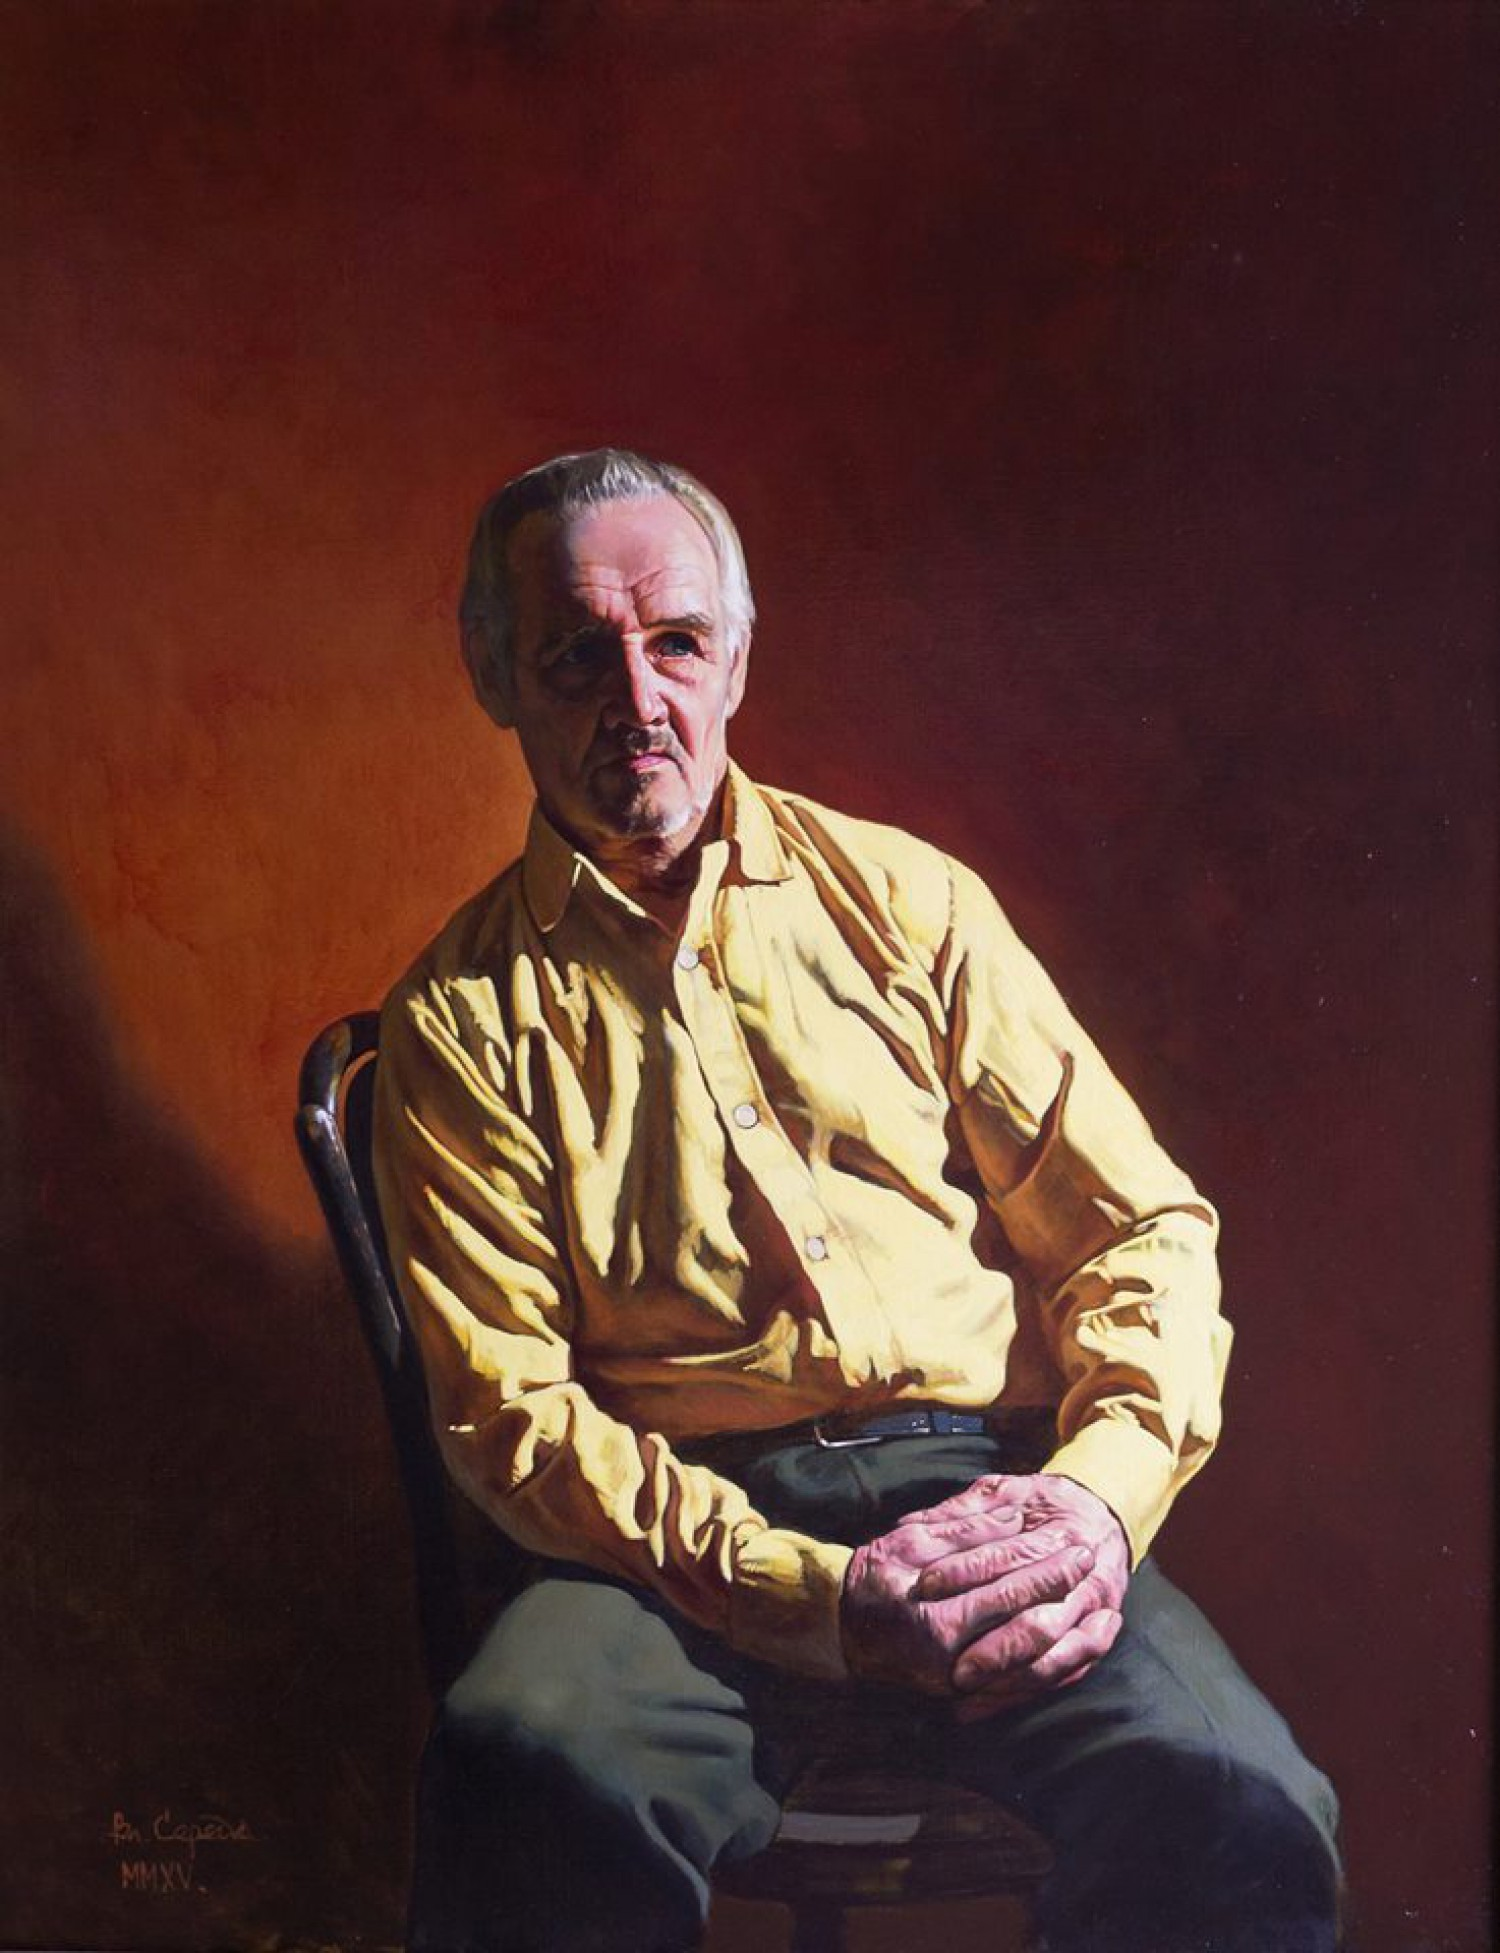 В.М.Барсуков (Середа). Портрет А.В. Зотикова. 2014, холст, масло, 110х80.